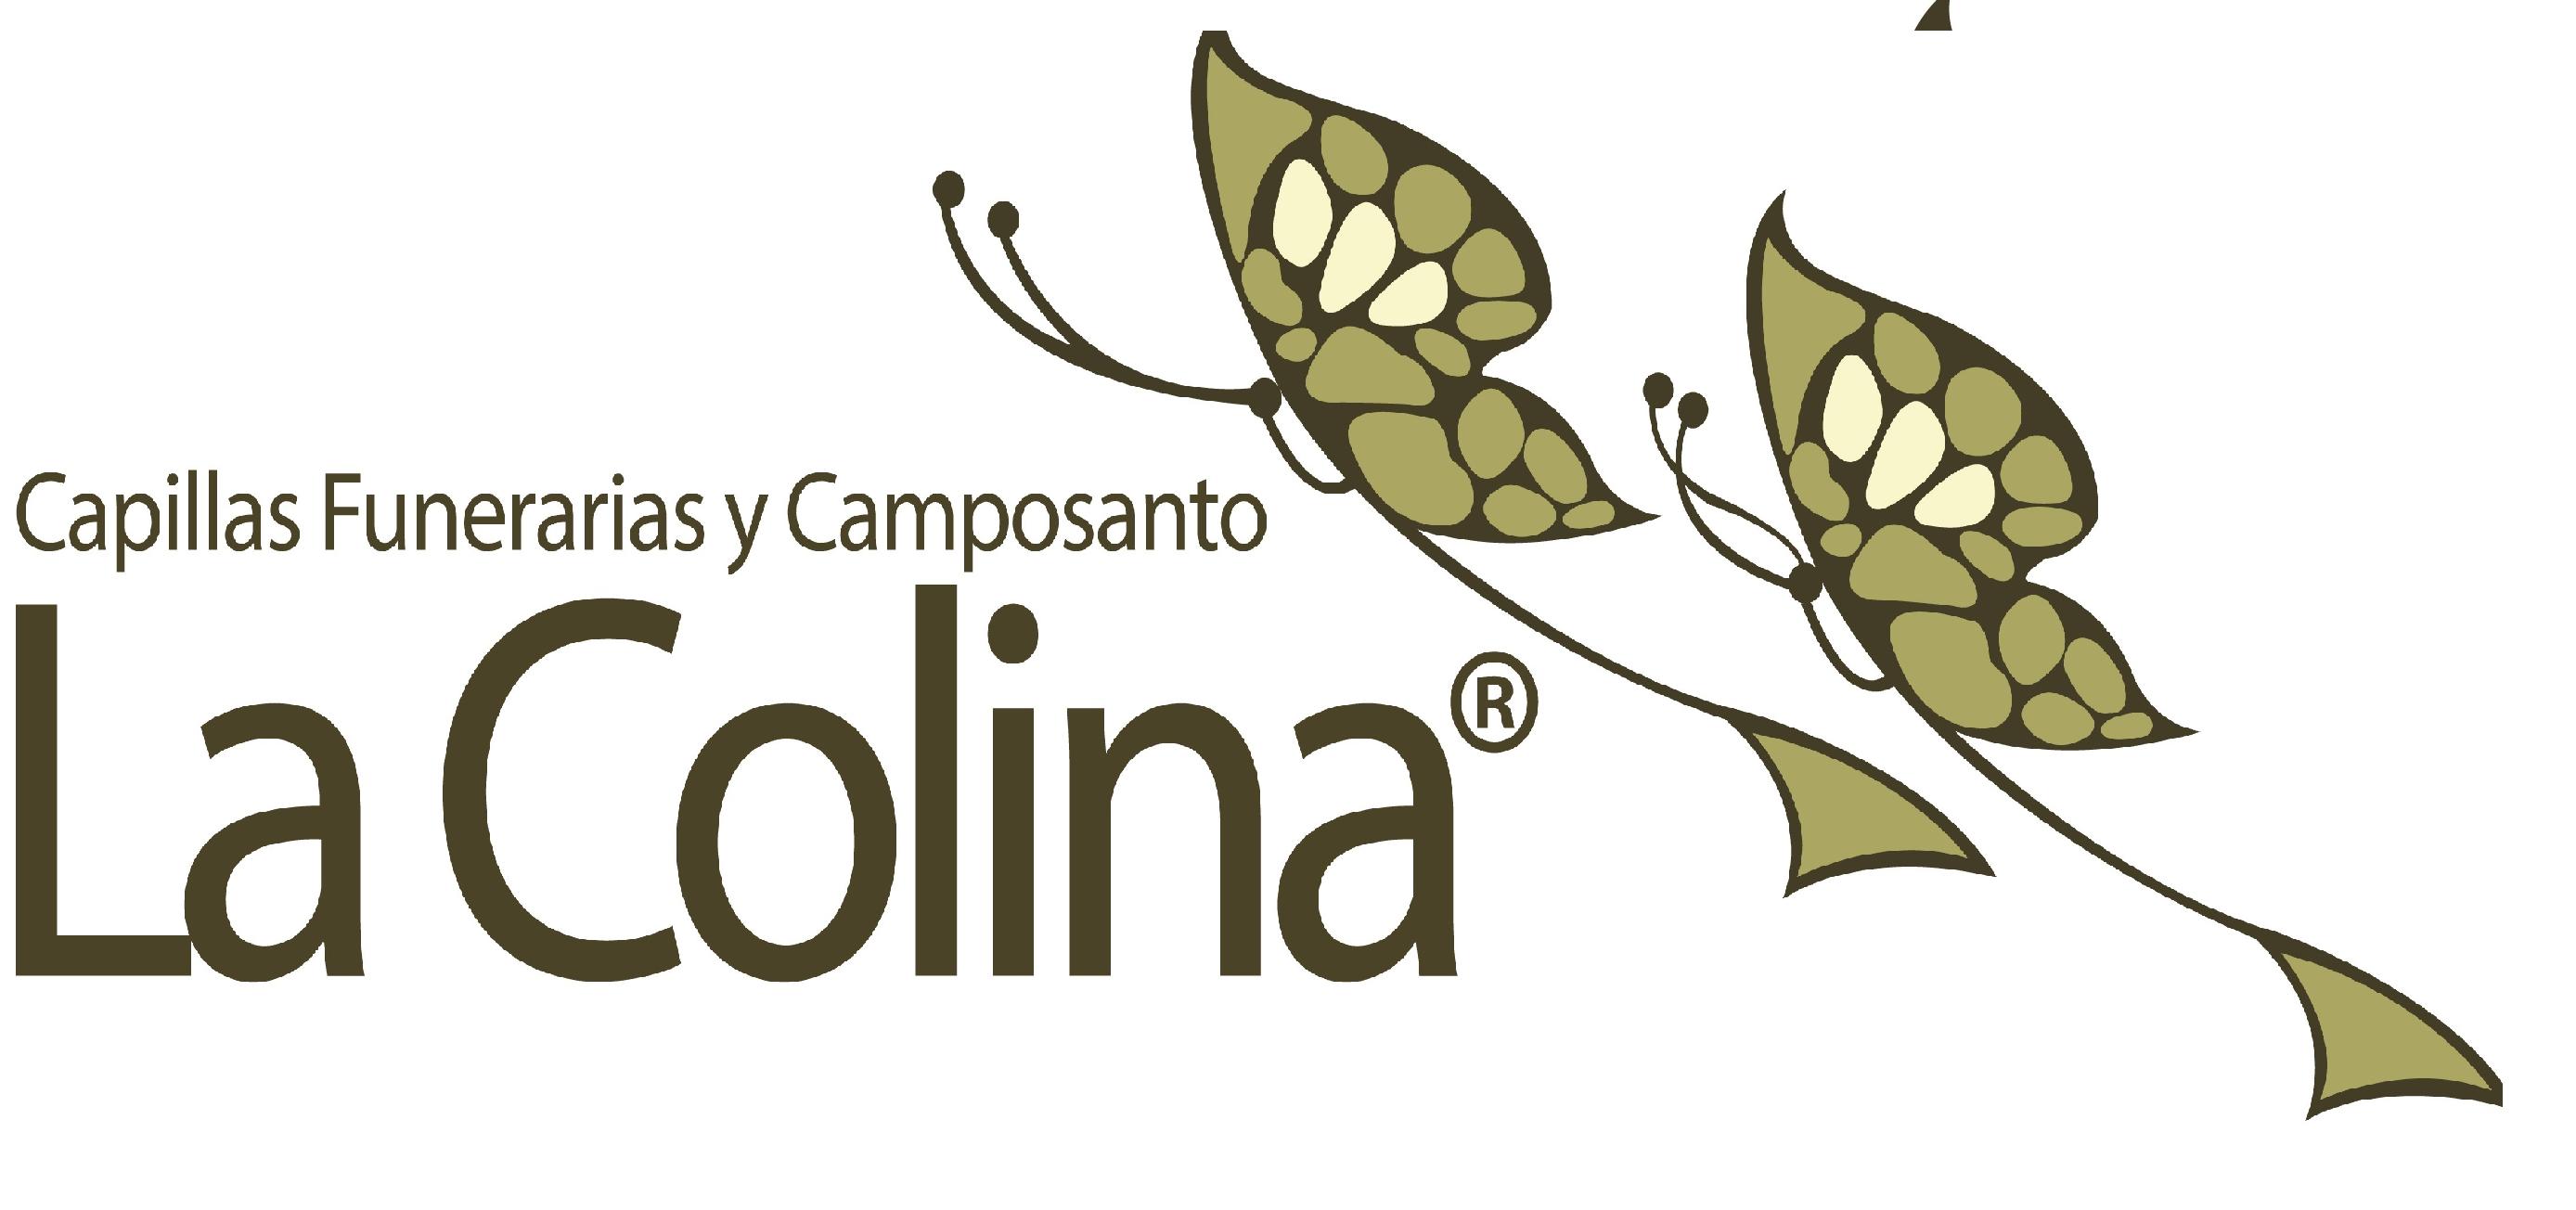 Capillas y Camposanto La Colina